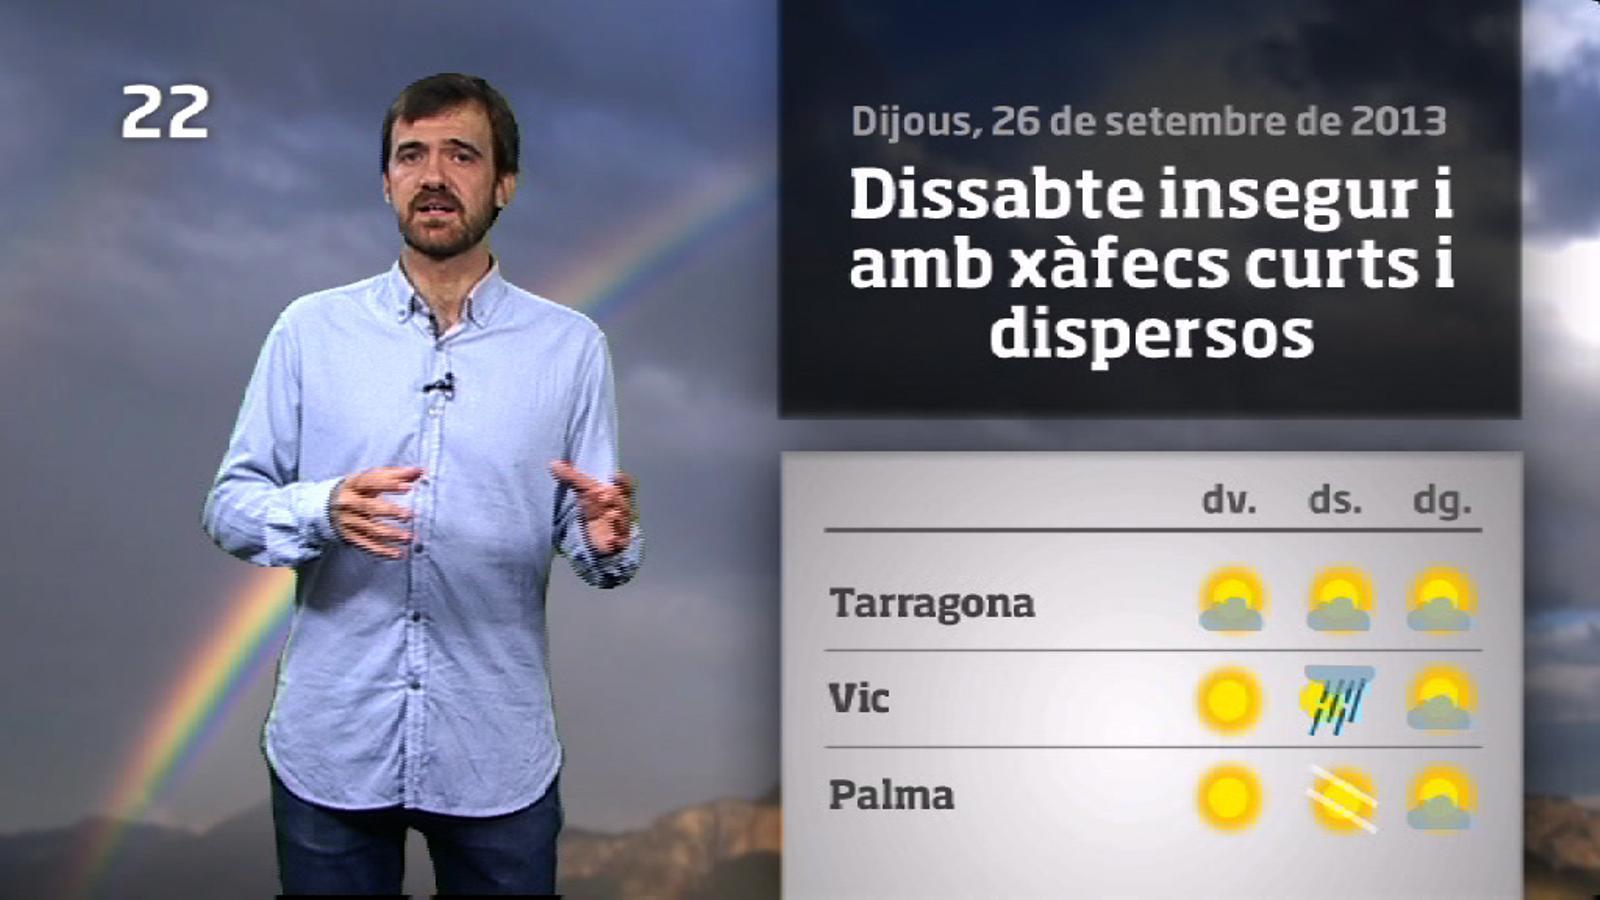 La méteo en 1 minut: ple estiu abans d'un dissabte amb ruixats dispersos (27/09/2013)